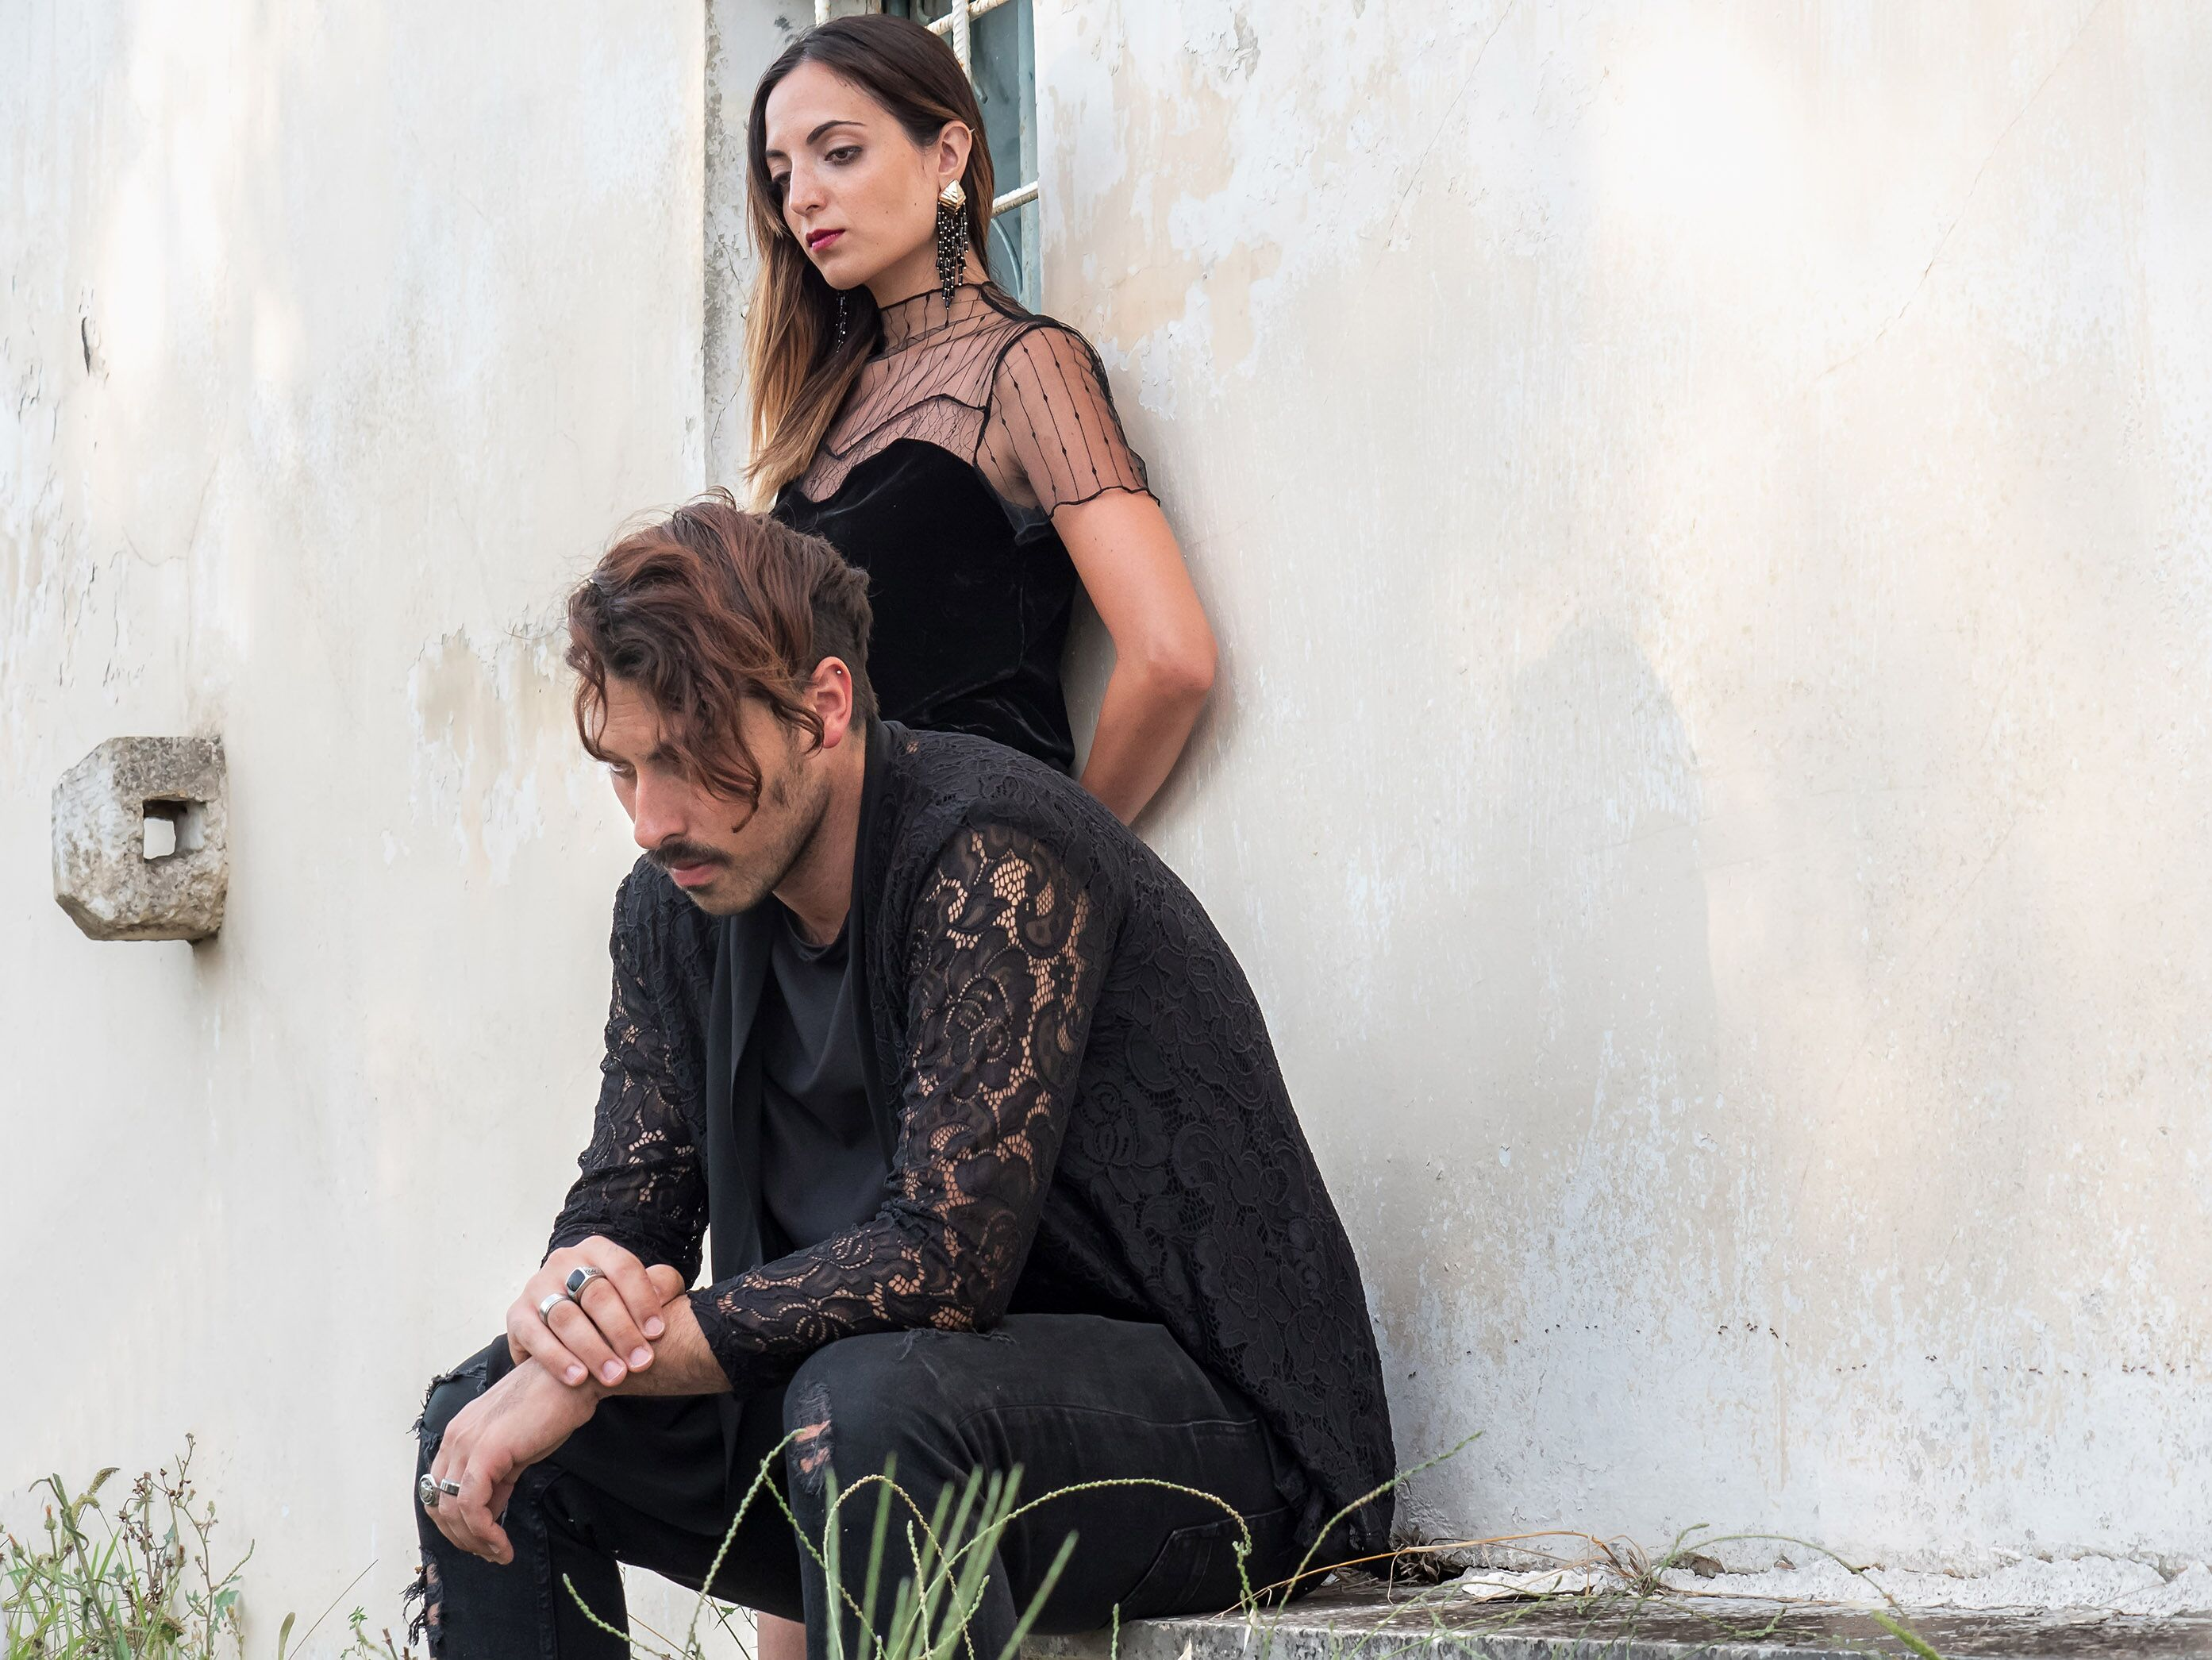 """Musica Italiana, Concerti. Il """"Bellissimi Difetti Tour"""" riporta a casa La Municipàl. Ultima data a Lecce, in attesa di nuove frecce al cuore!"""